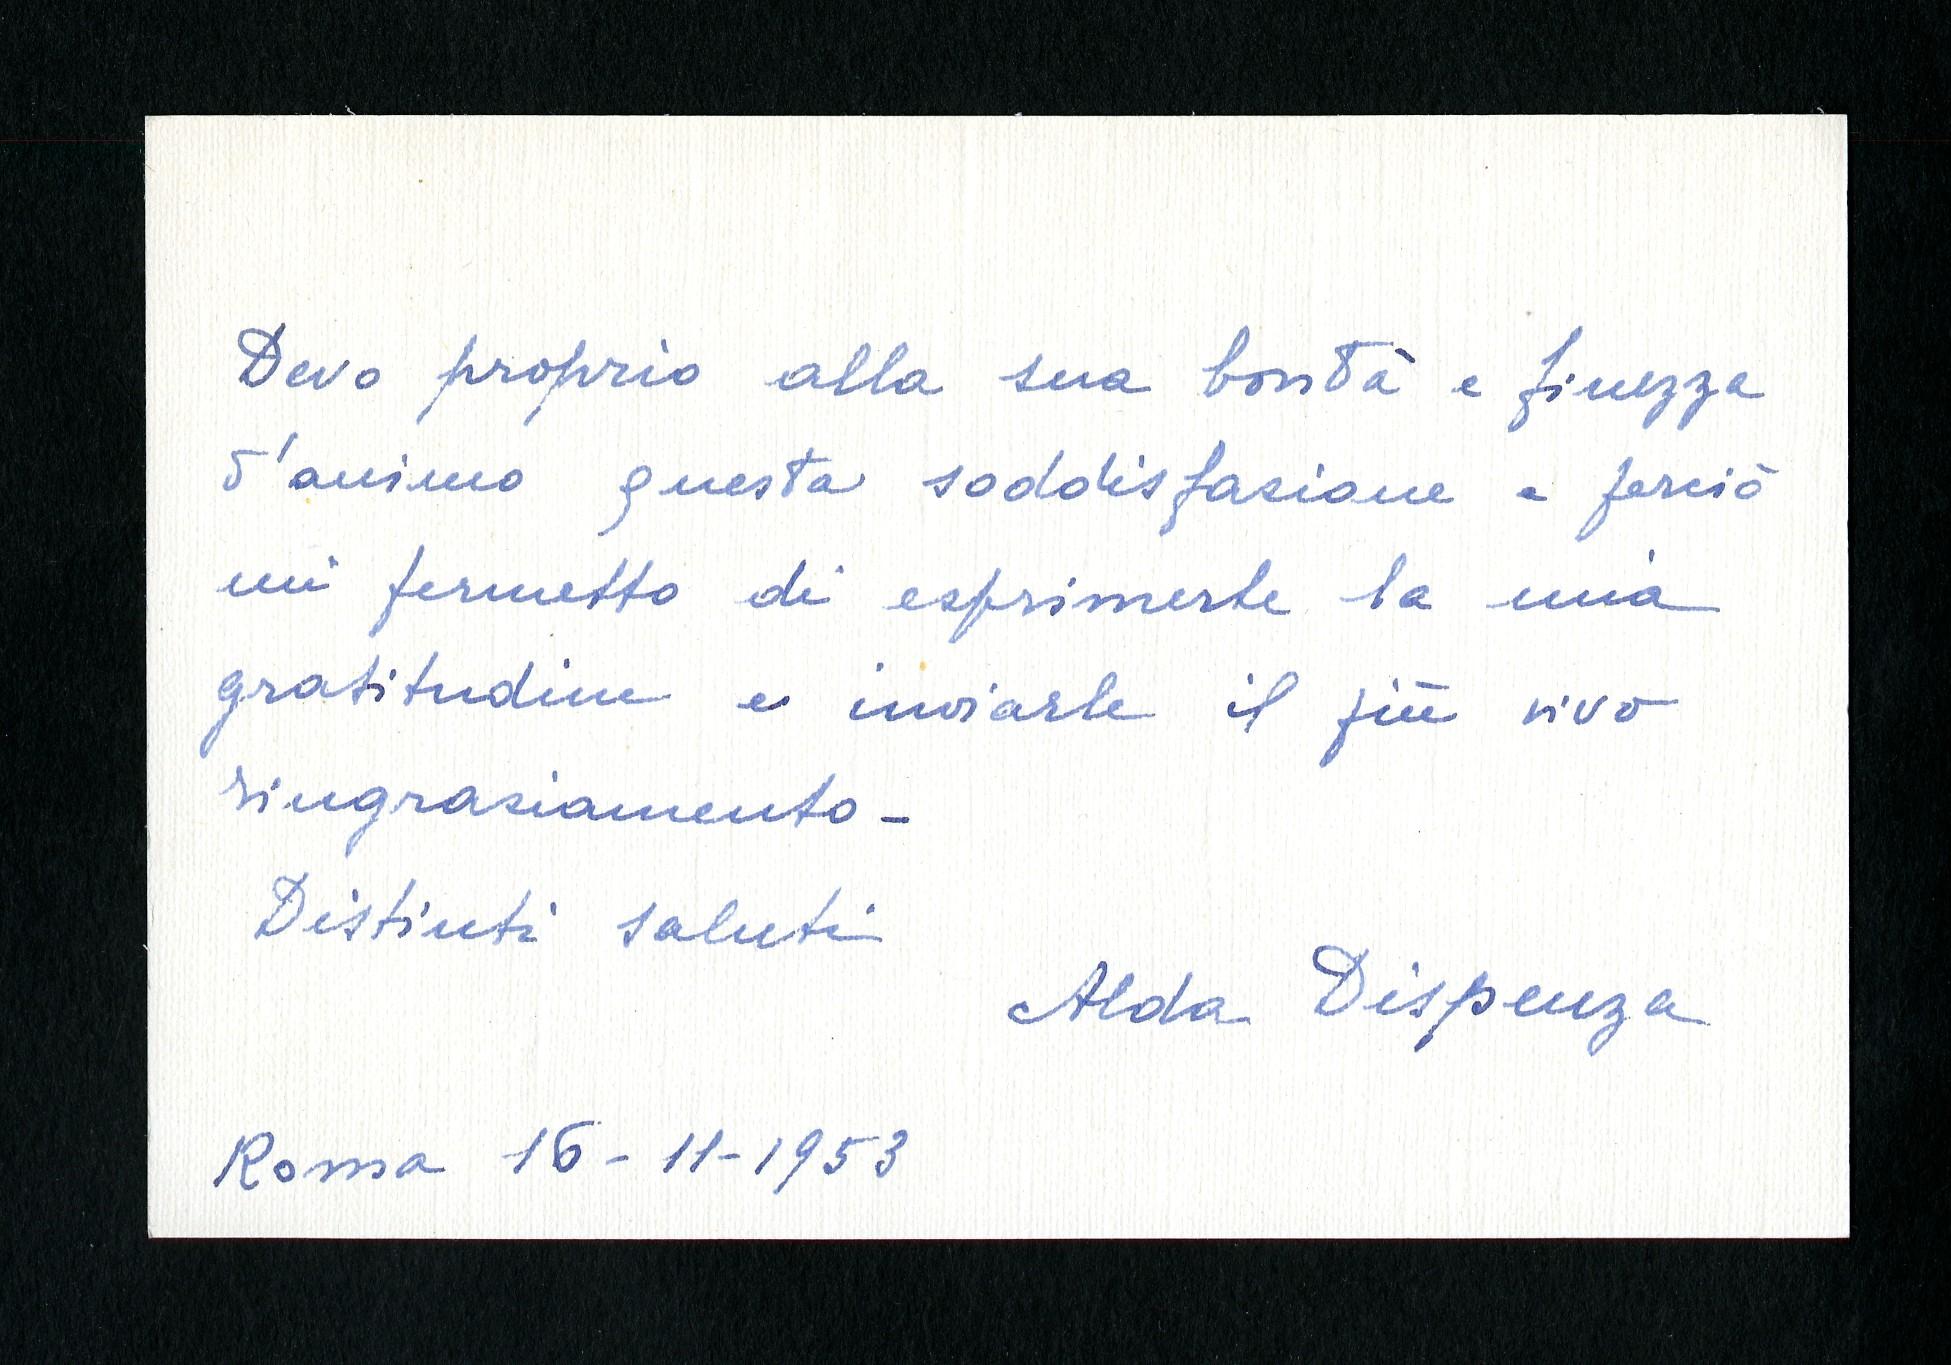 Dispenza Alda - Aspi - Archivio storico della psicologia italiana b7f563ed4b99